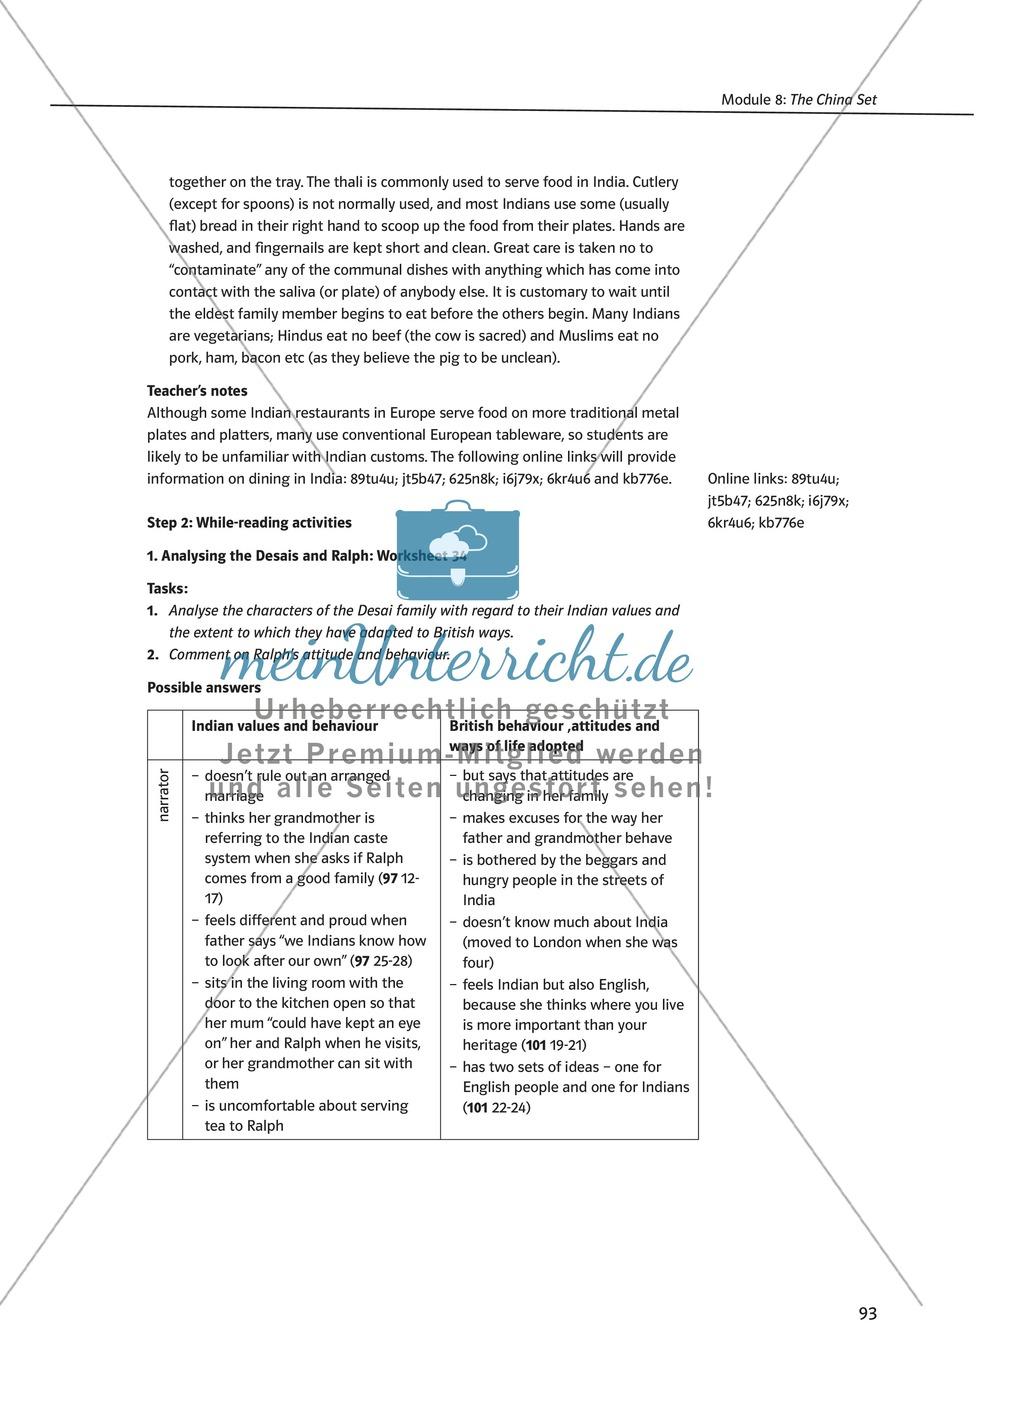 The China Set: Zusammenfassung + Aufgaben + Arbeitsblätter Preview 2